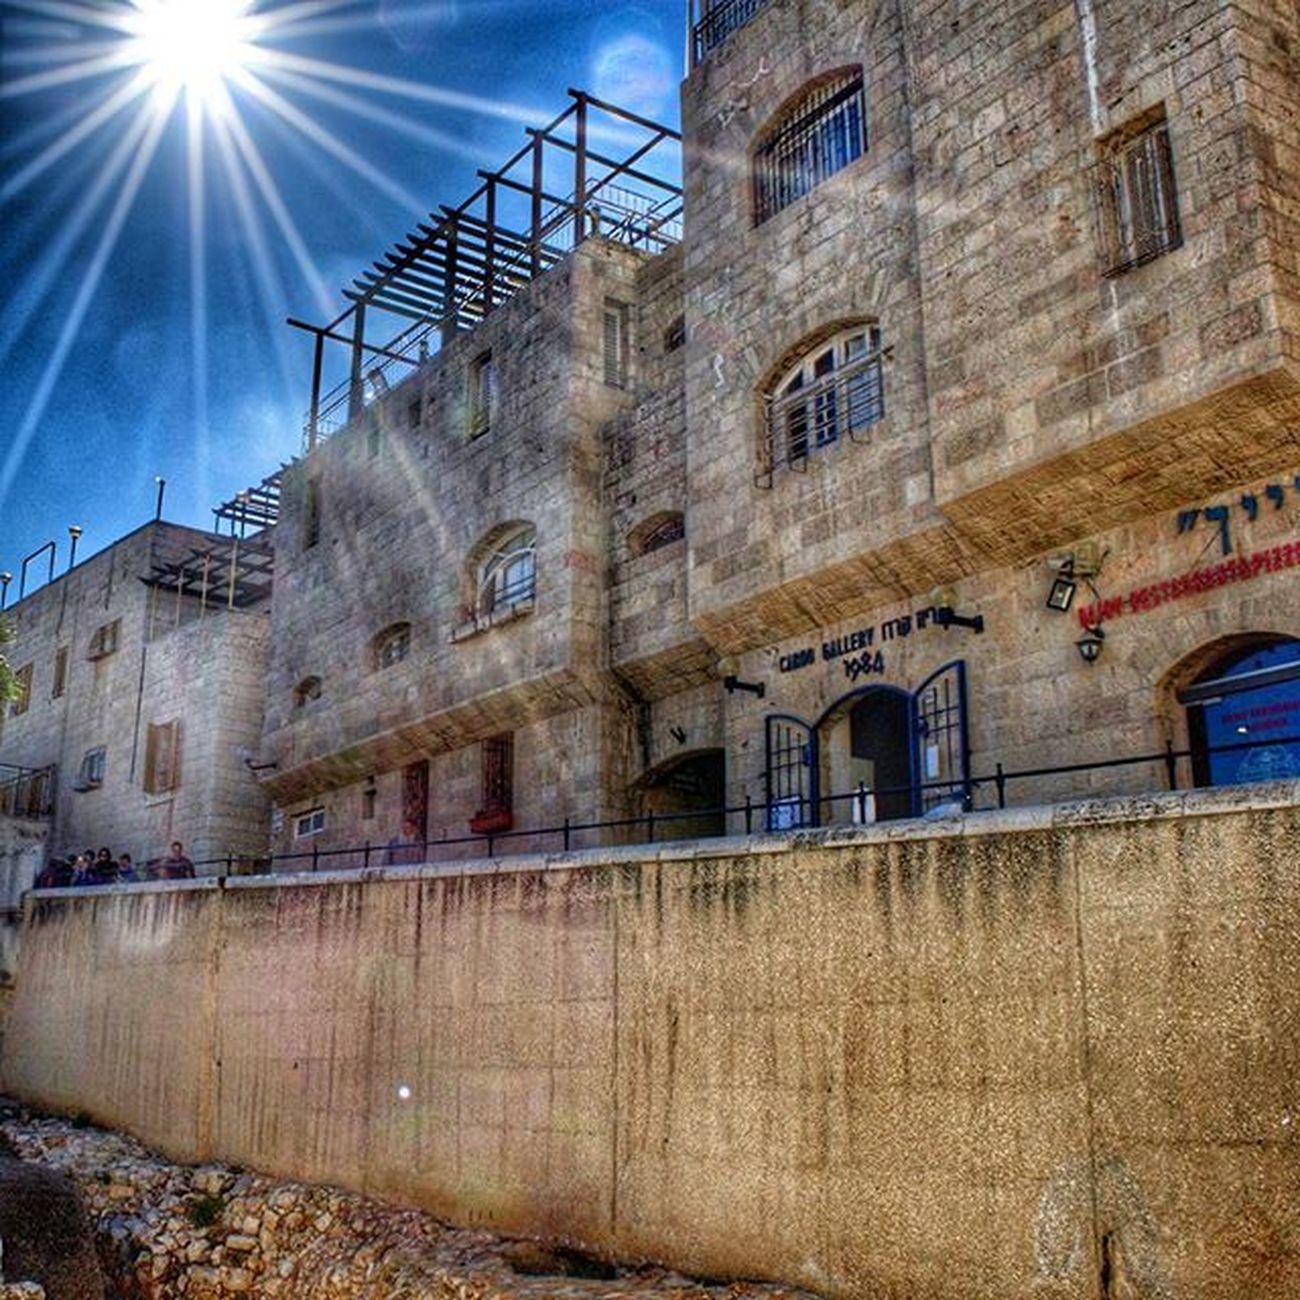 The Oldcity Israel Jerusalem Jewishquarter